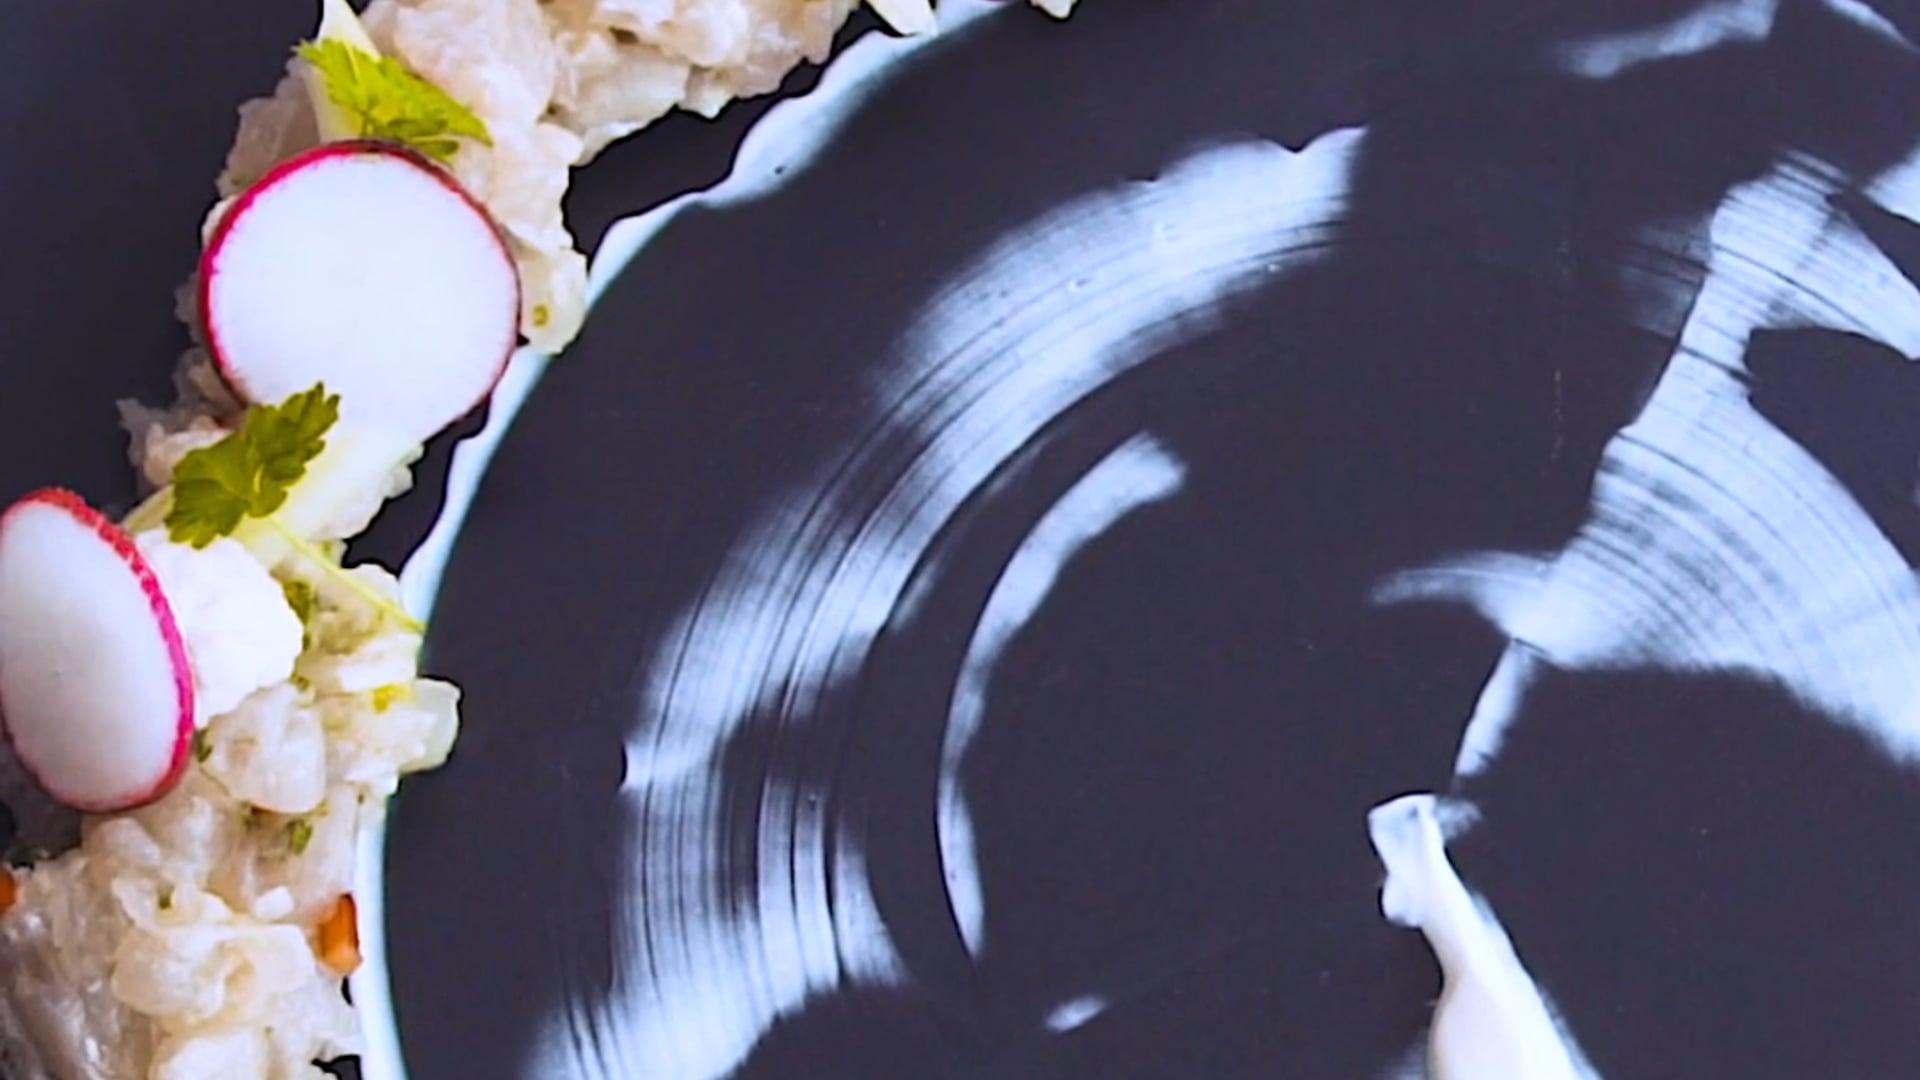 BORNOFFI X ART CUISINE COLLAB // WHEN ART MEETS FINE CUISINE